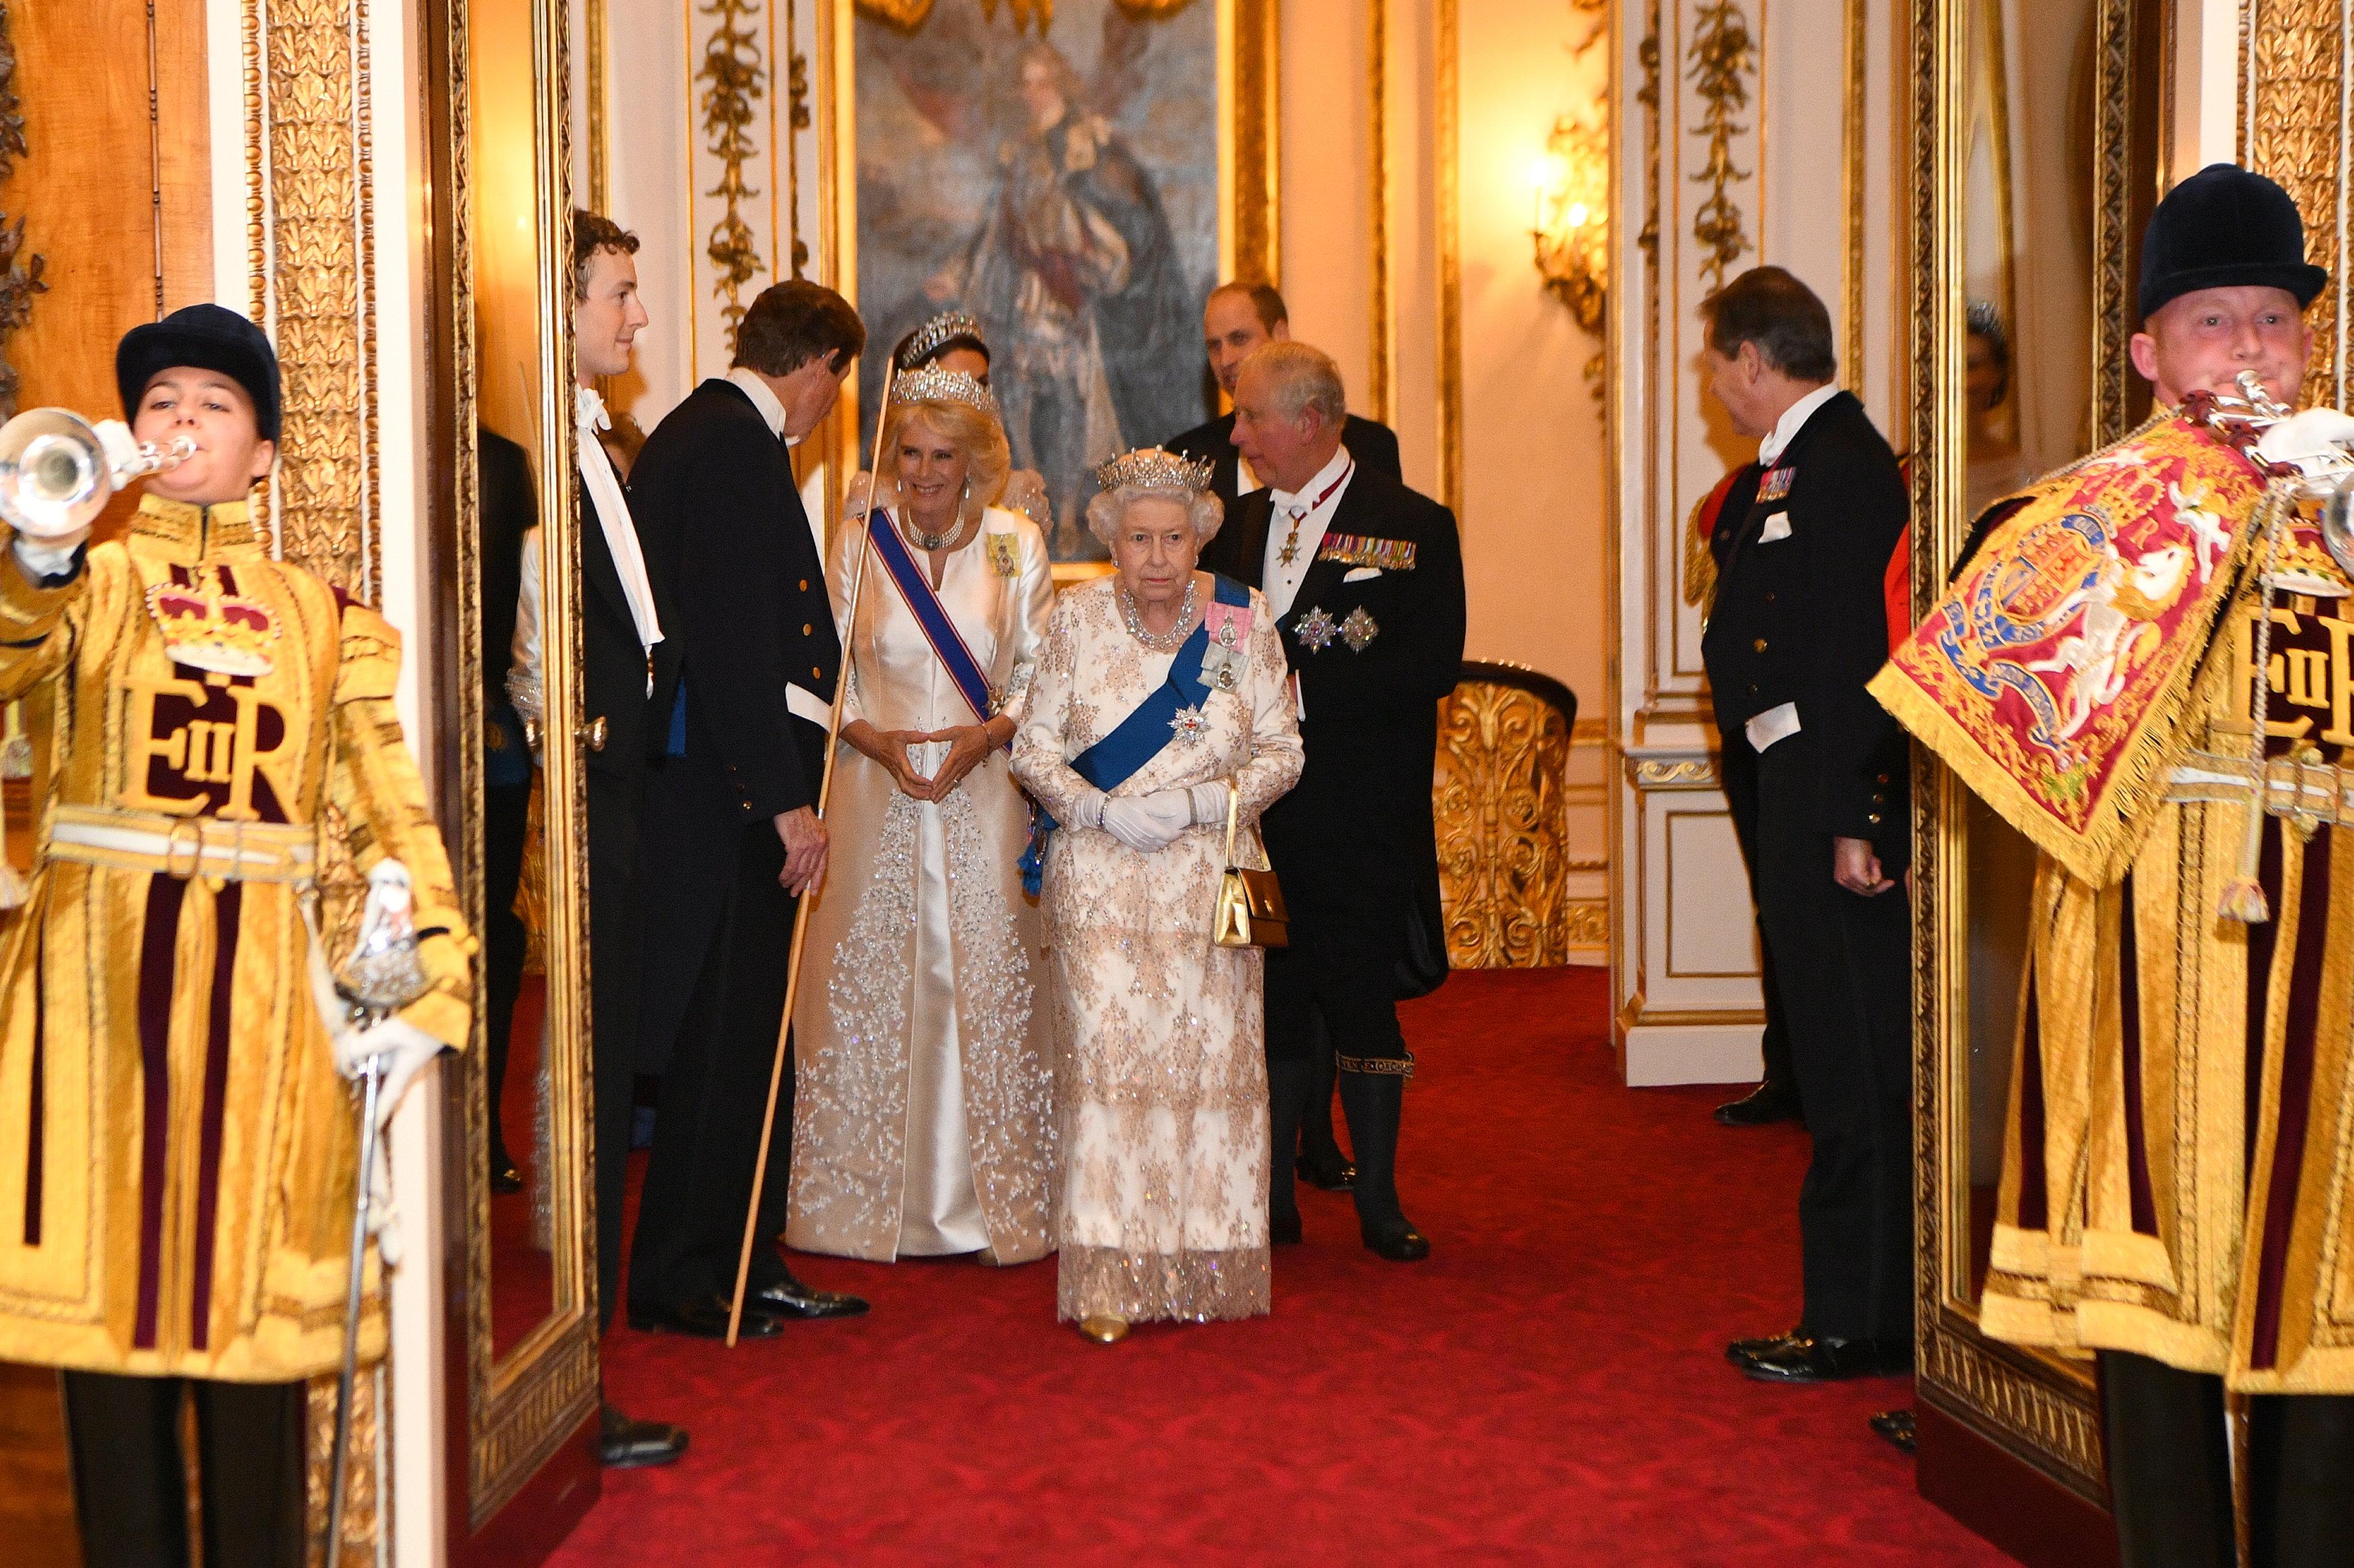 الملكة إليزابيث وولى عهدها الأمير تشارلز أثناء دخولهما لاستقبال الوفود الدبلوماسية